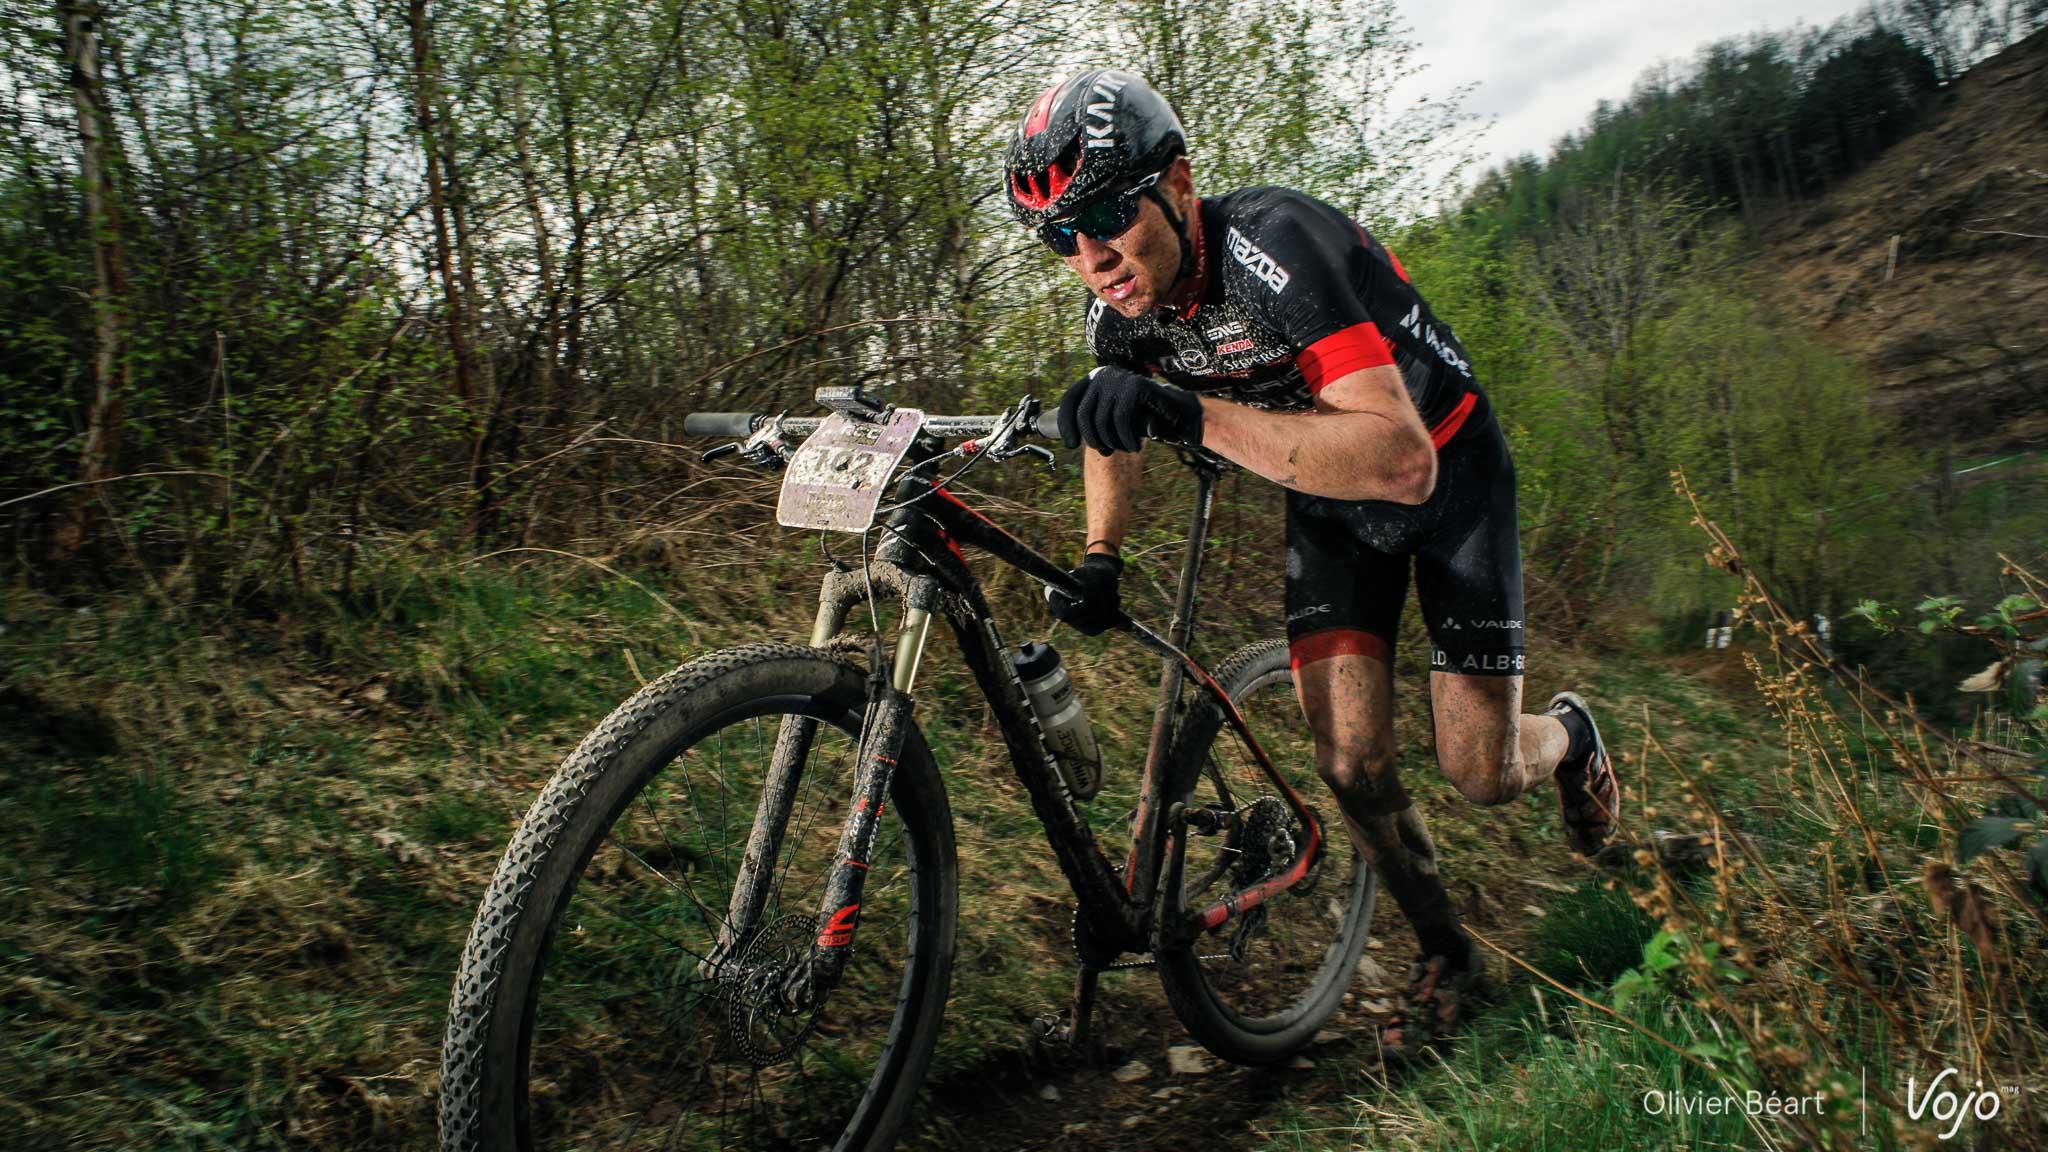 Roc_Ardenne_Marathon_Copyright_OBeart_VojoMag-4